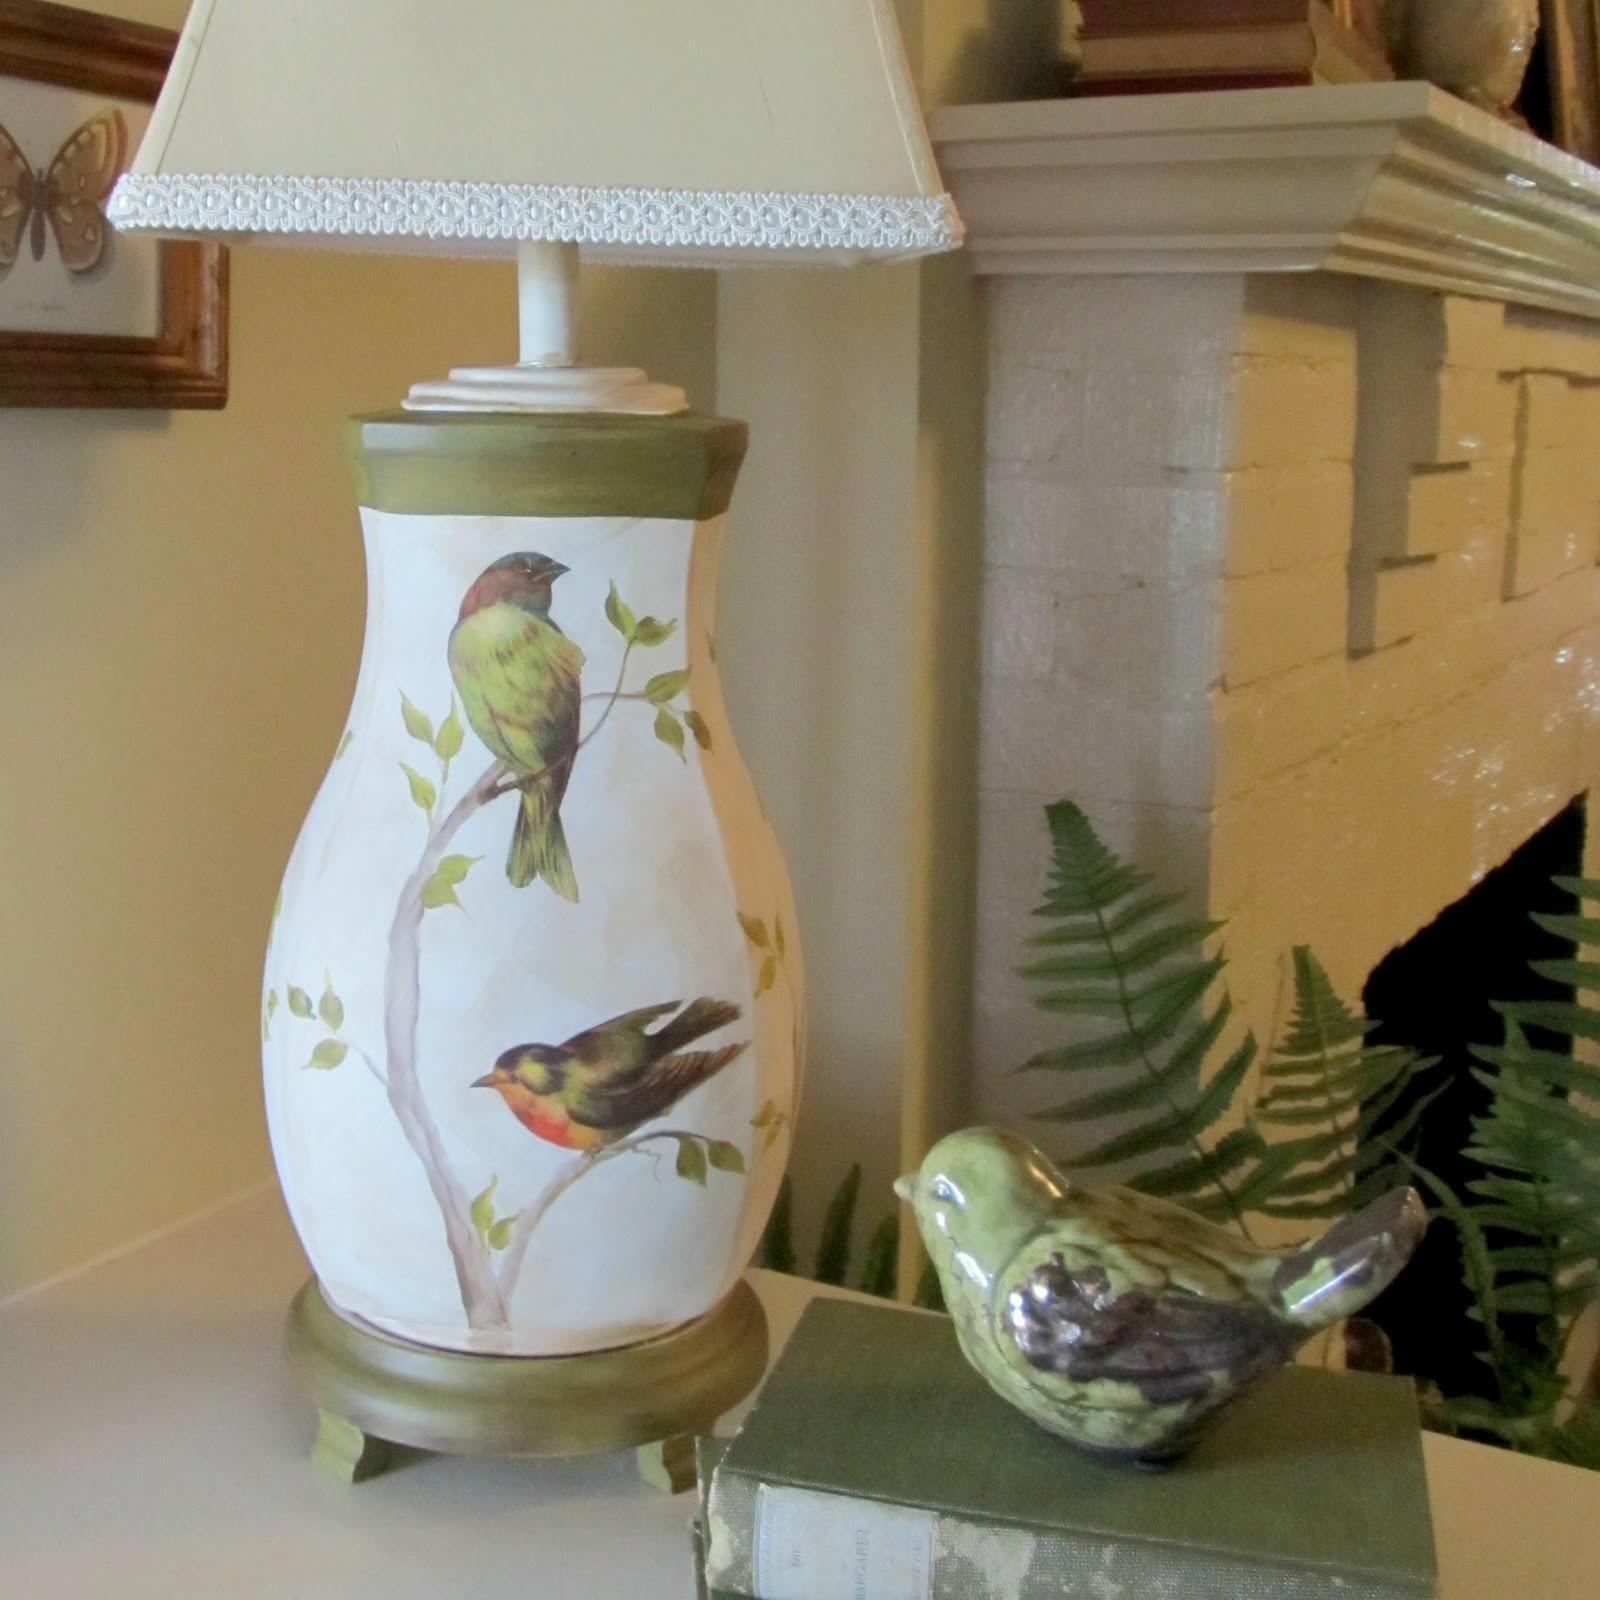 Цветочные, весенние мотивы нанесите на тумбу лампы или абажур.